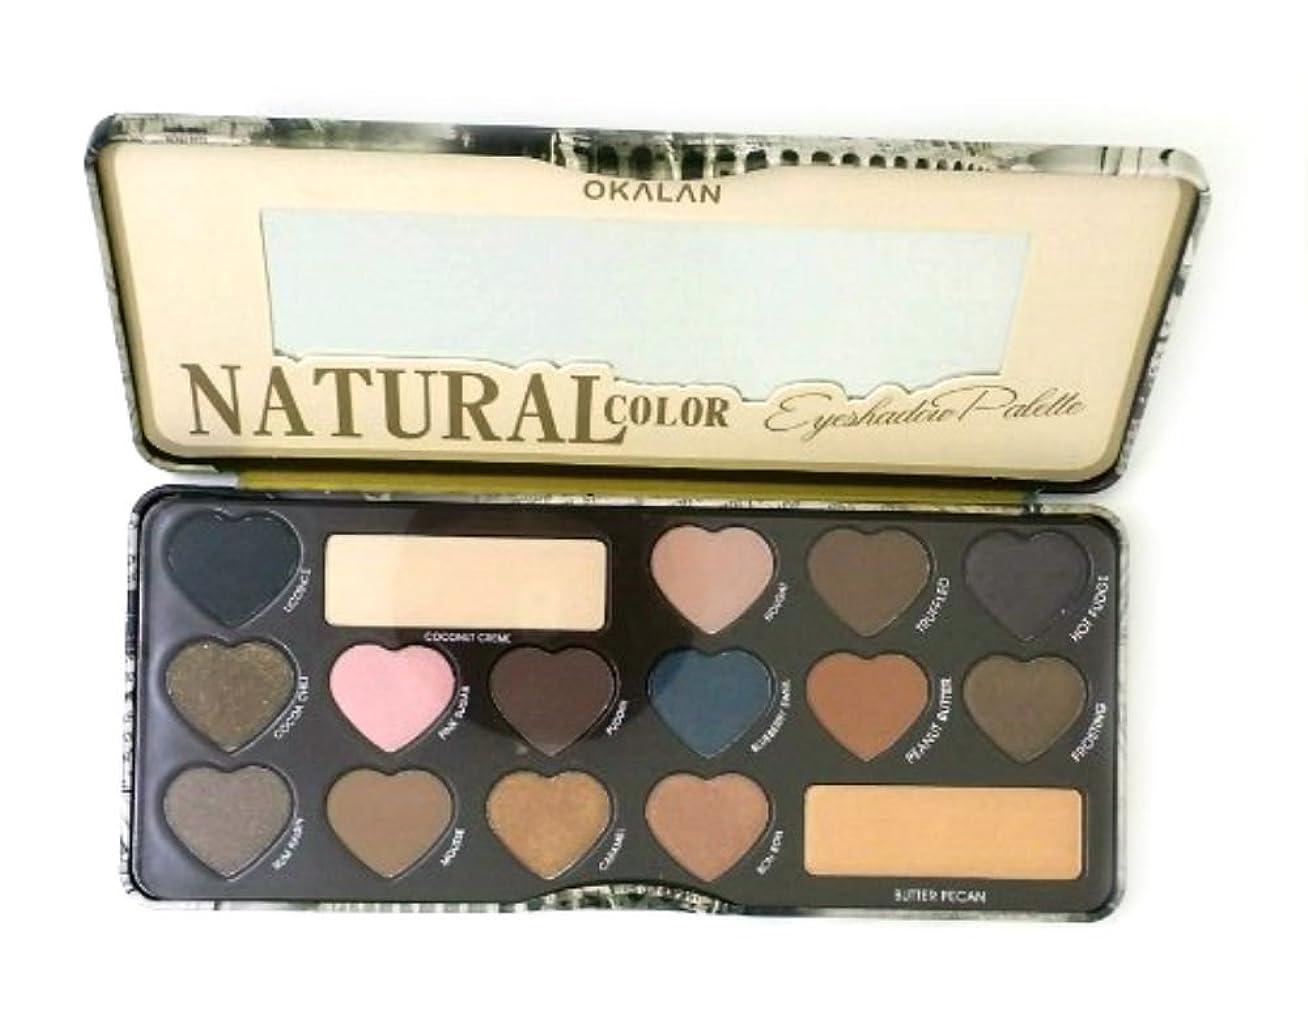 コテージ疼痛ズボンOKALAN Natural Color Eyeshadow Palette B Display Set, 6 Pieces (並行輸入品)